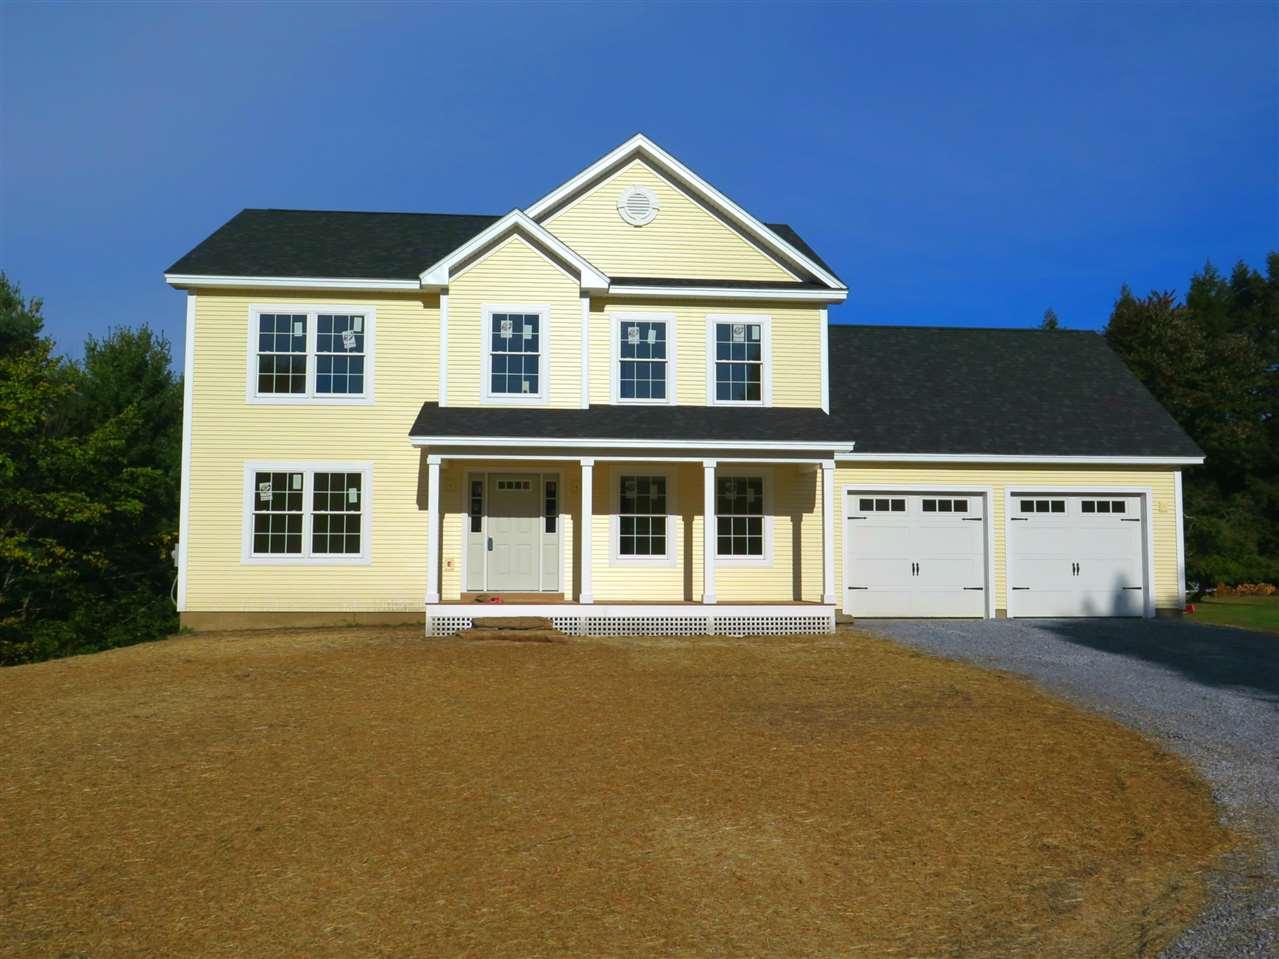 Lot 3 Red Rocks Colchester Vt 05446 Ipj Real Estate